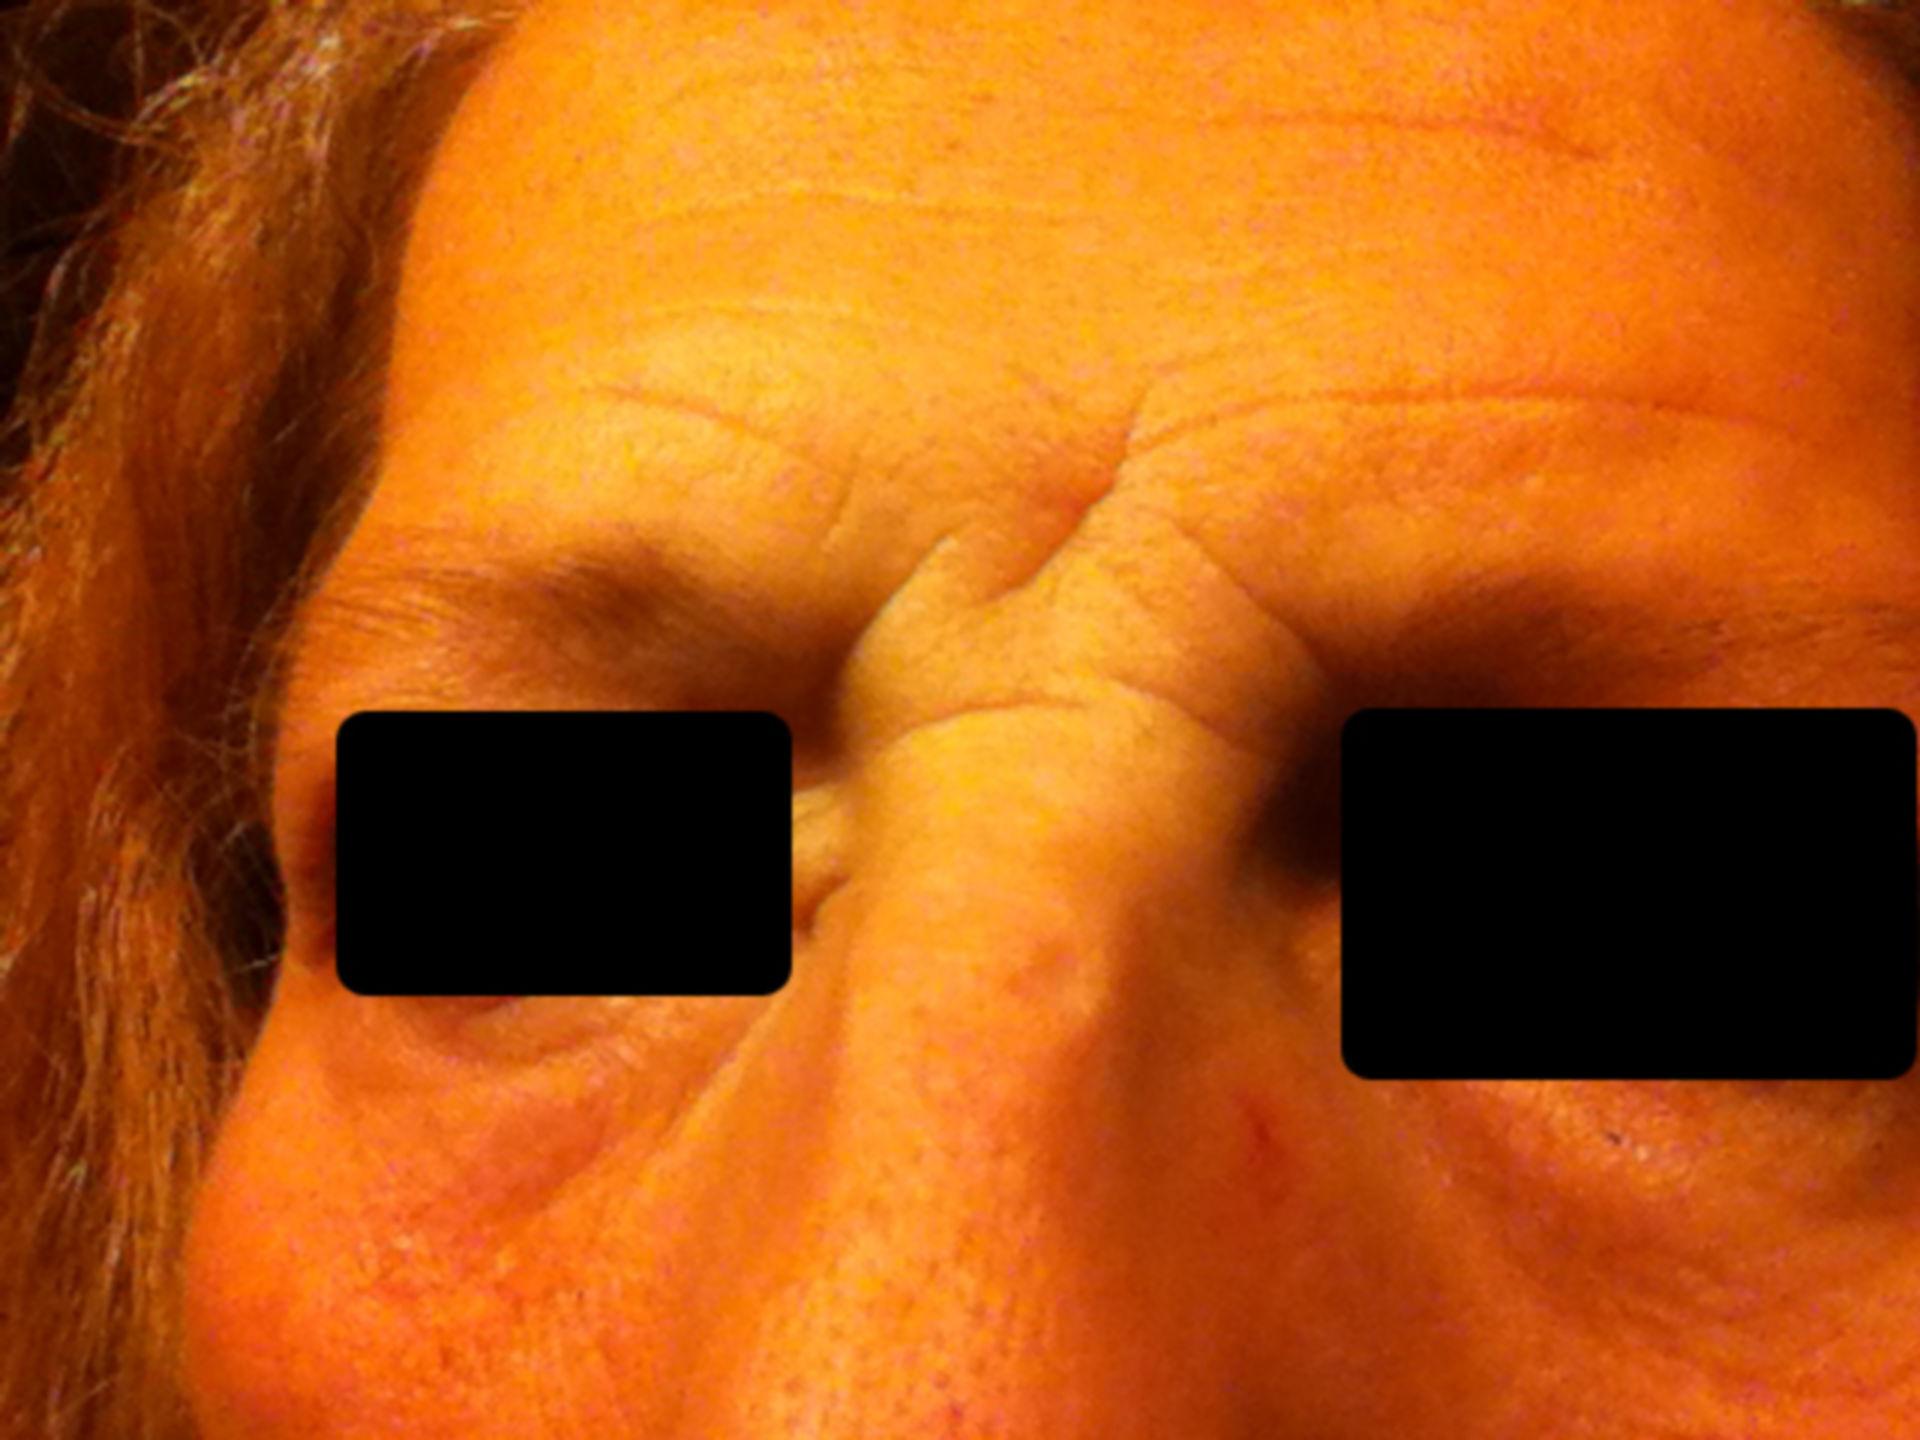 Schwellung Gesicht 1